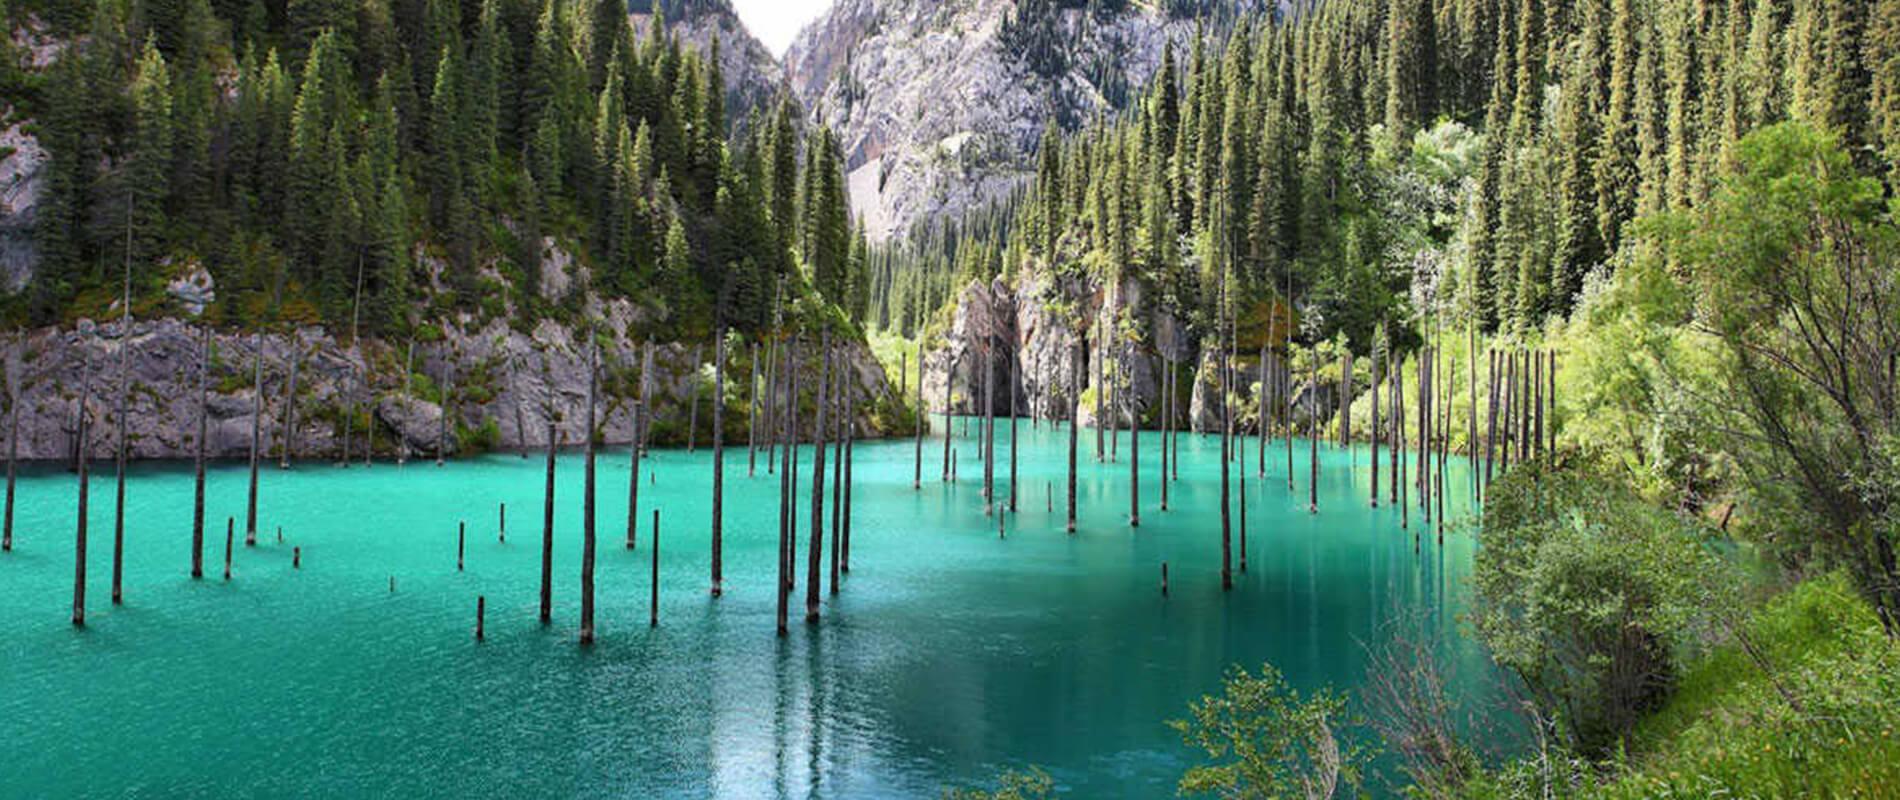 Lago Kaindy, lo specchio d'acqua da cui emergono gli alberi capovolti